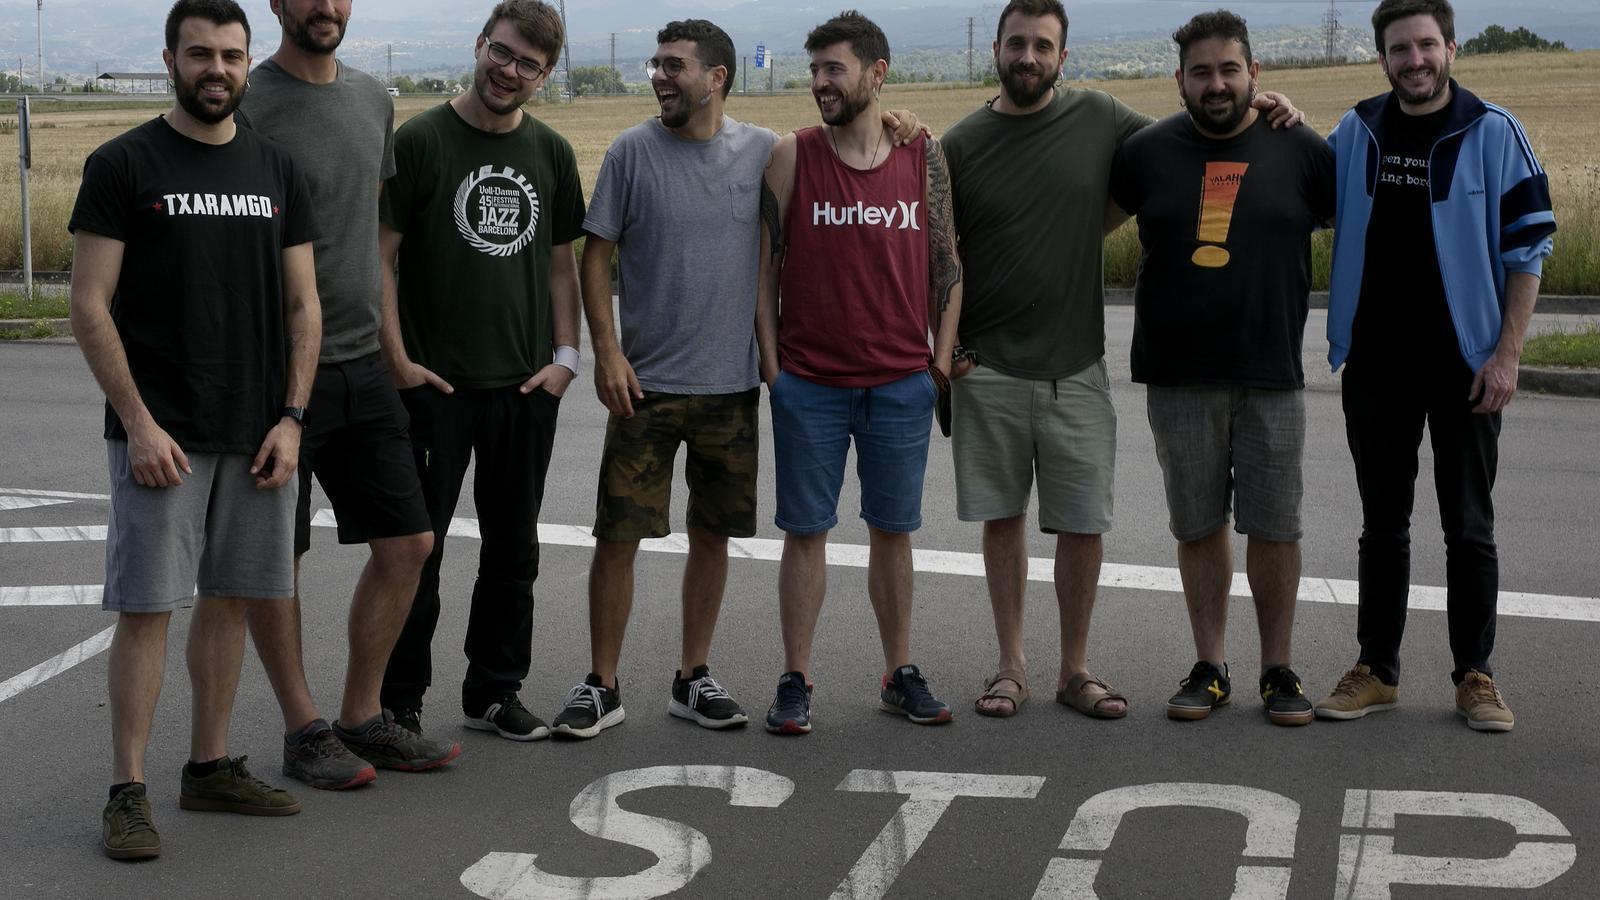 Vuit dels deu components de Txarango, fotografiats en un carrer de Vic el juny de 2020.